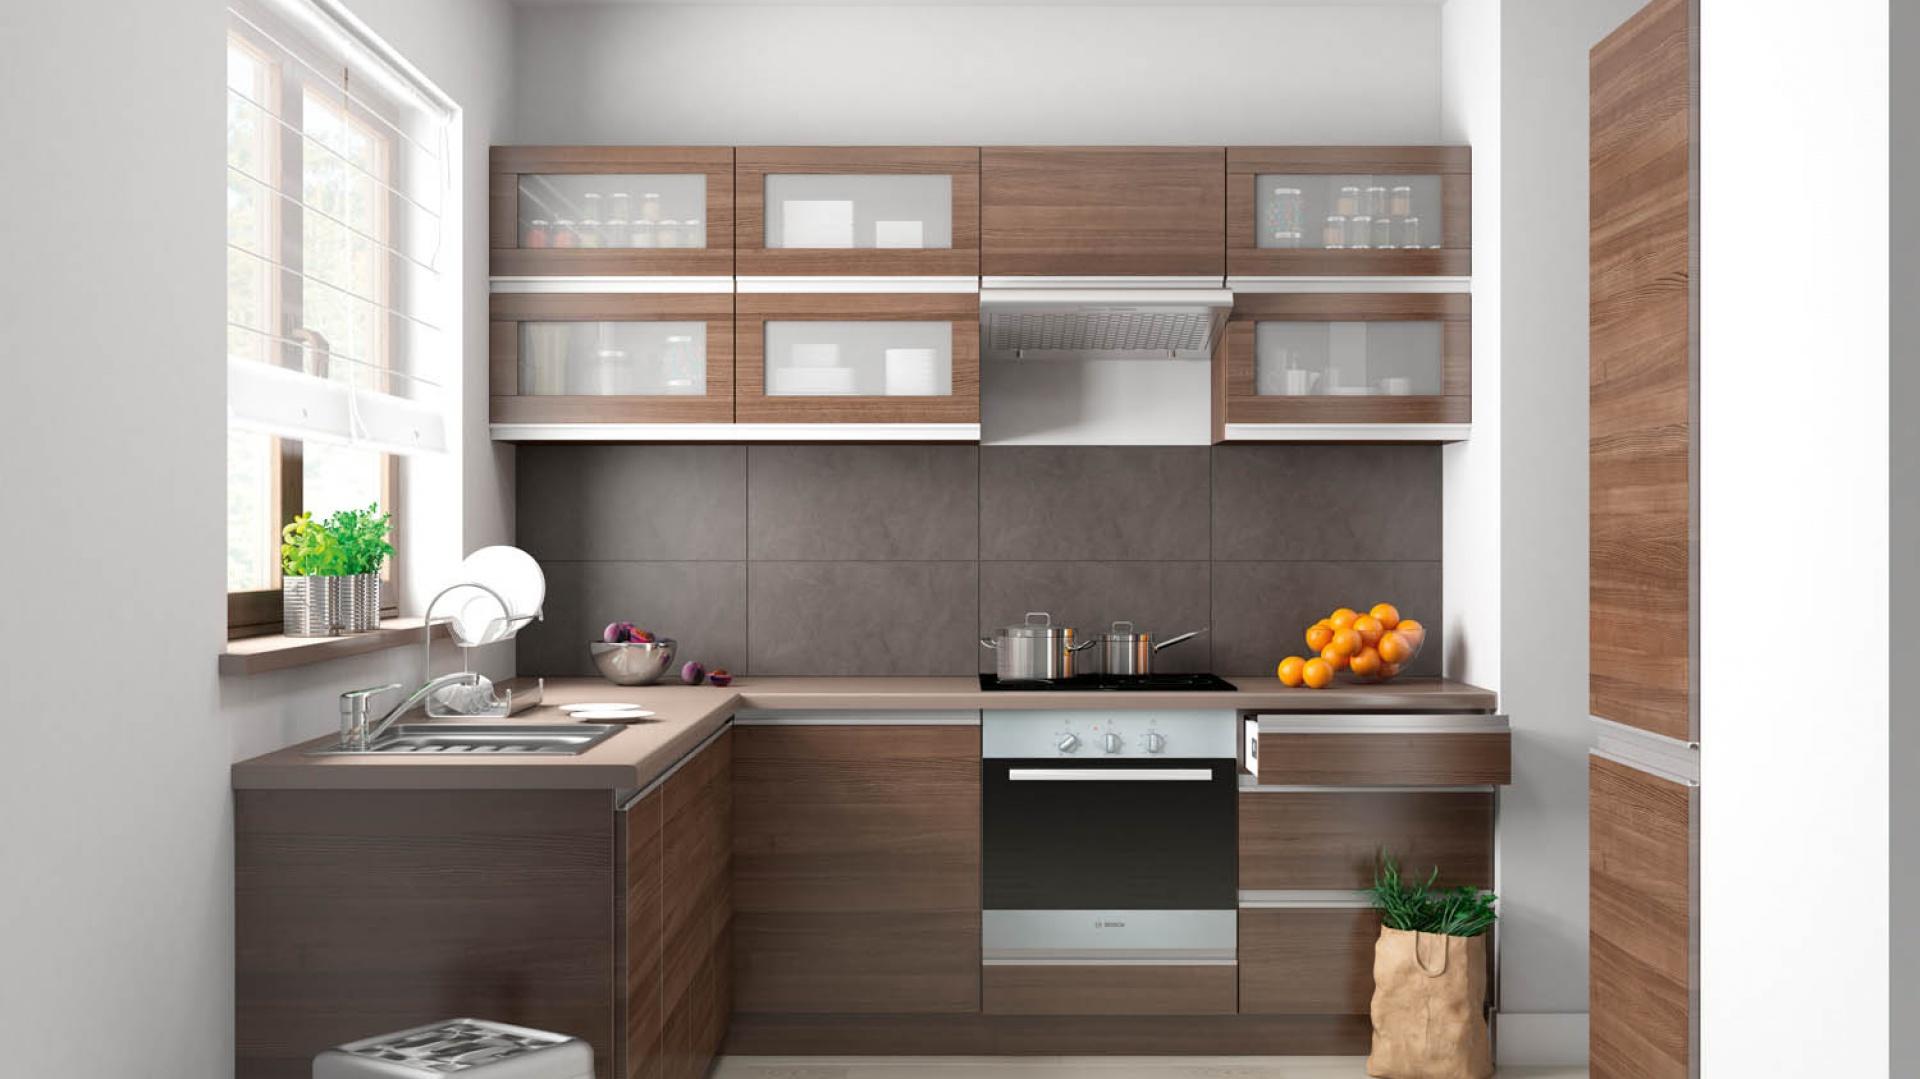 Propozycja Castoramy do Mała kuchnia 16 najnowszych   -> Mala Tania Kuchnia